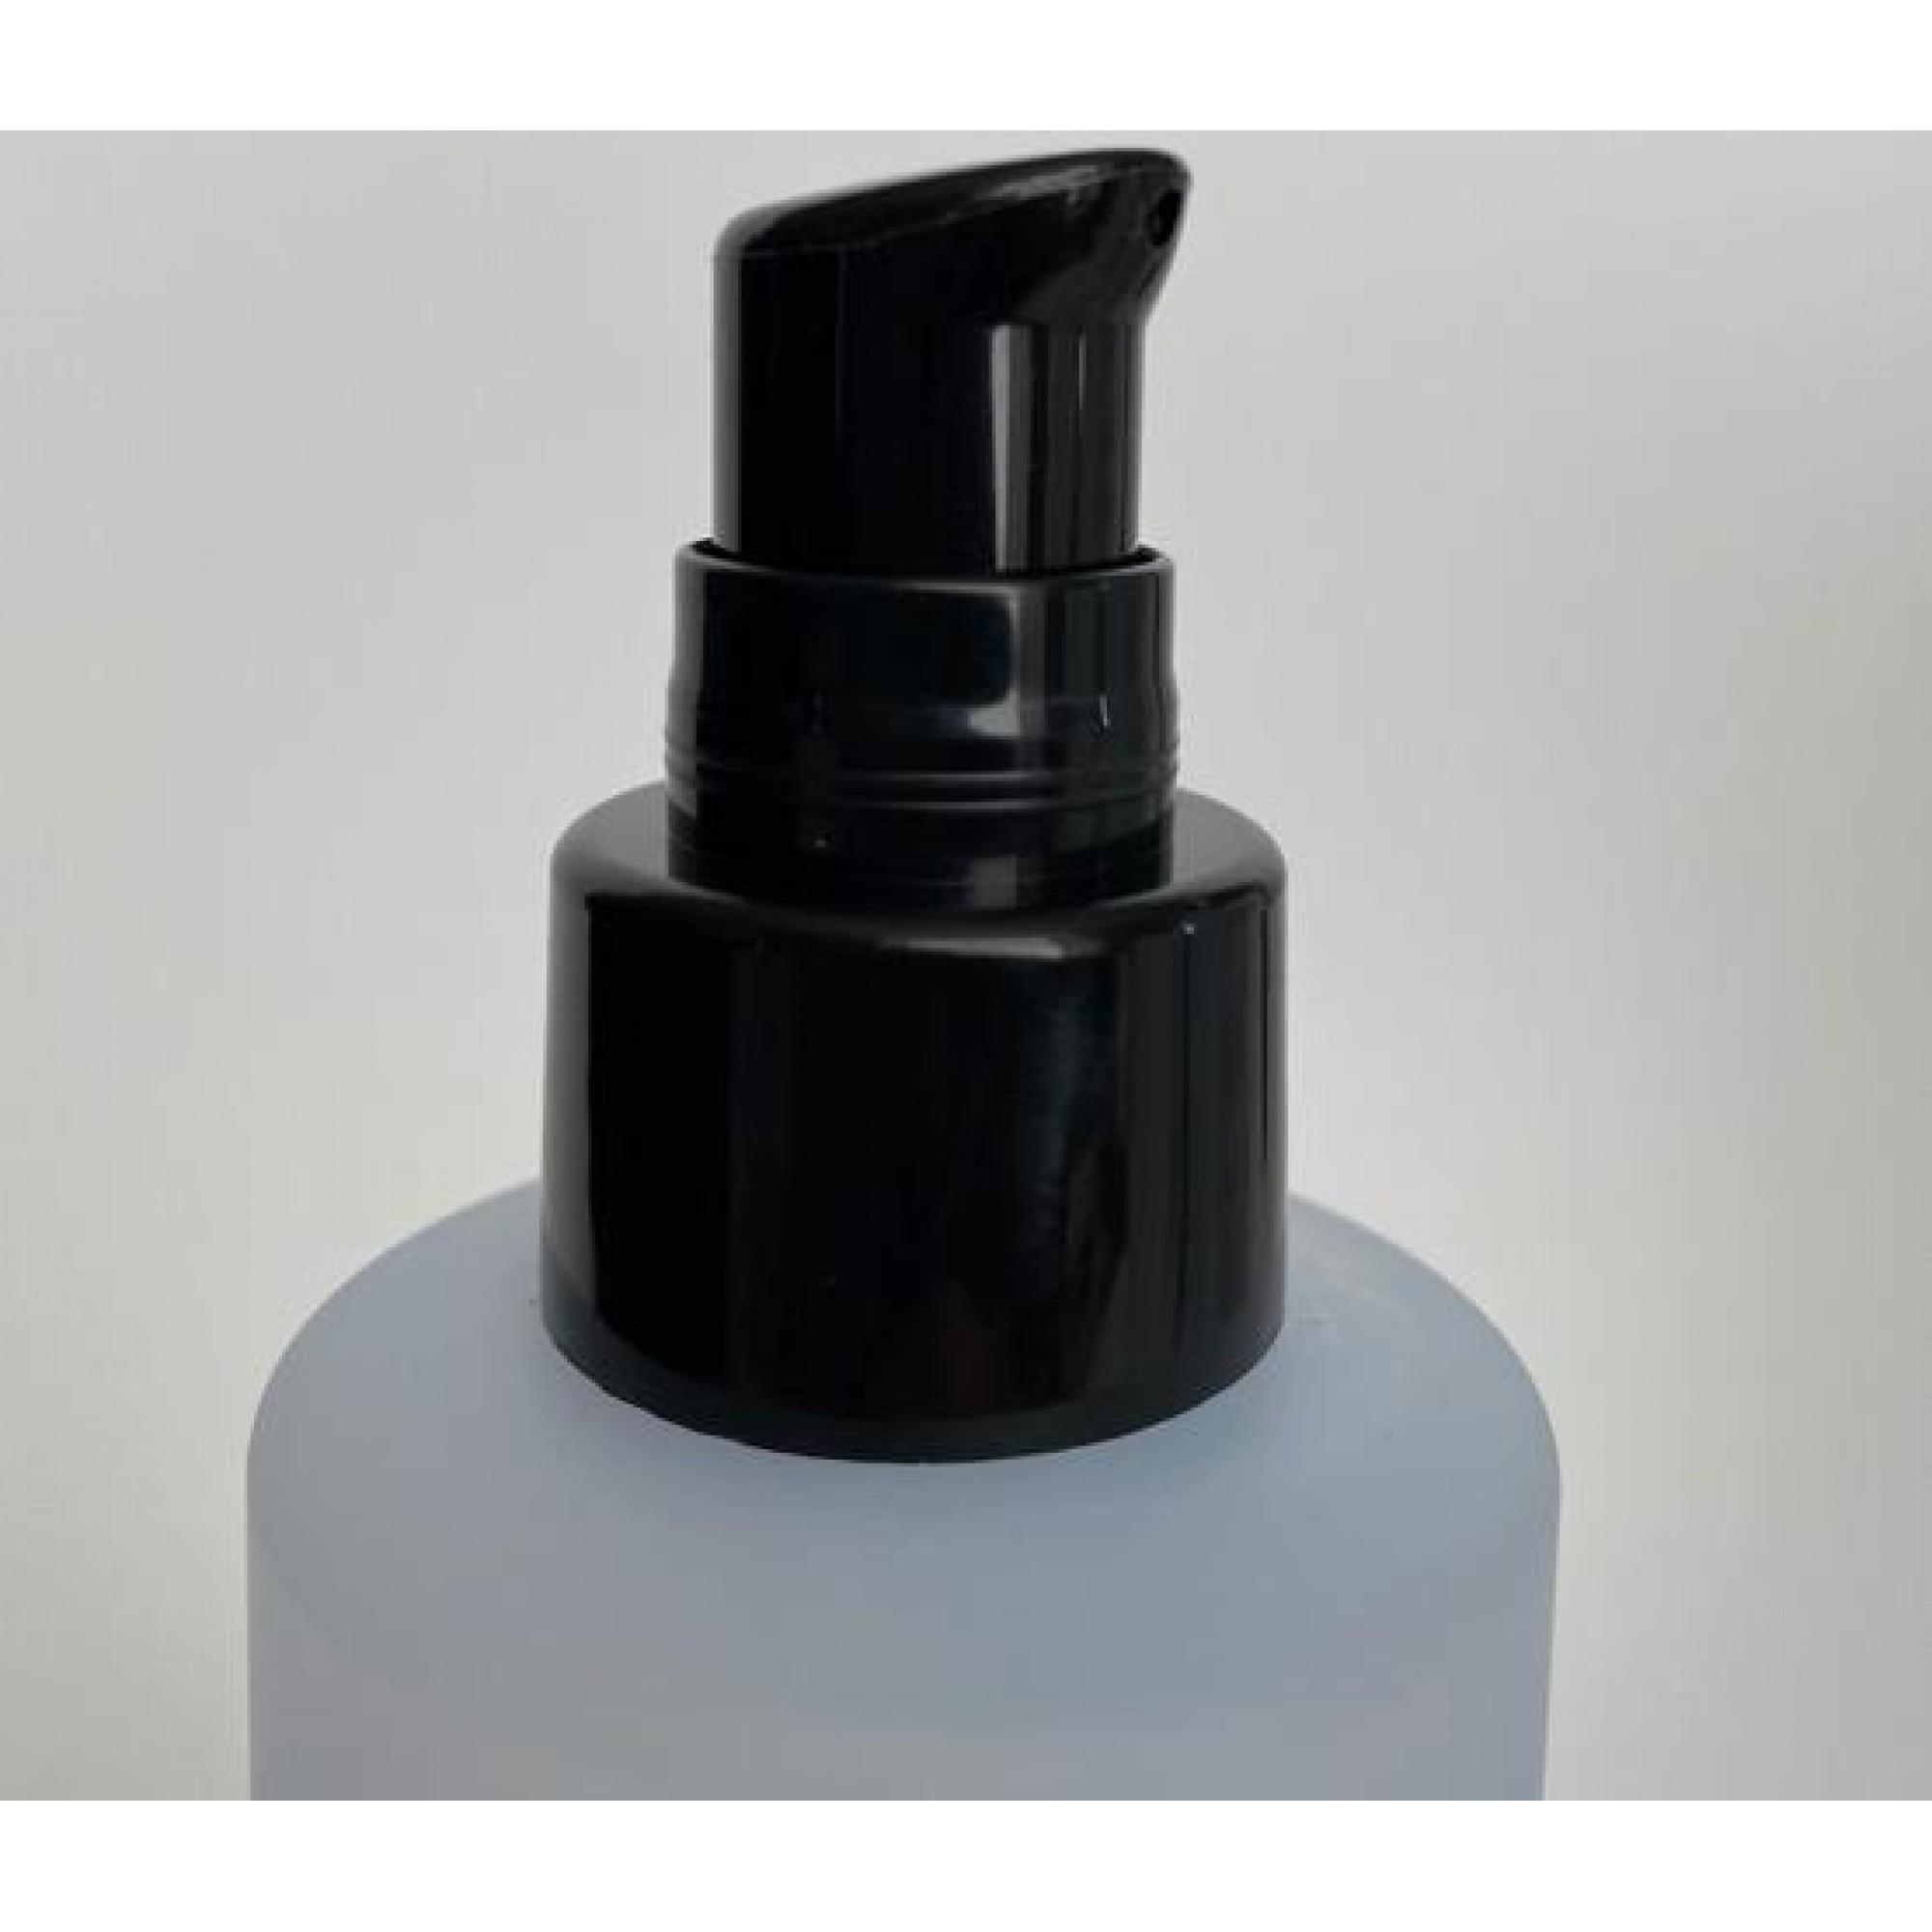 Dezinfekcijas līdzeklis DEZINFEKTO 250 ml, pump